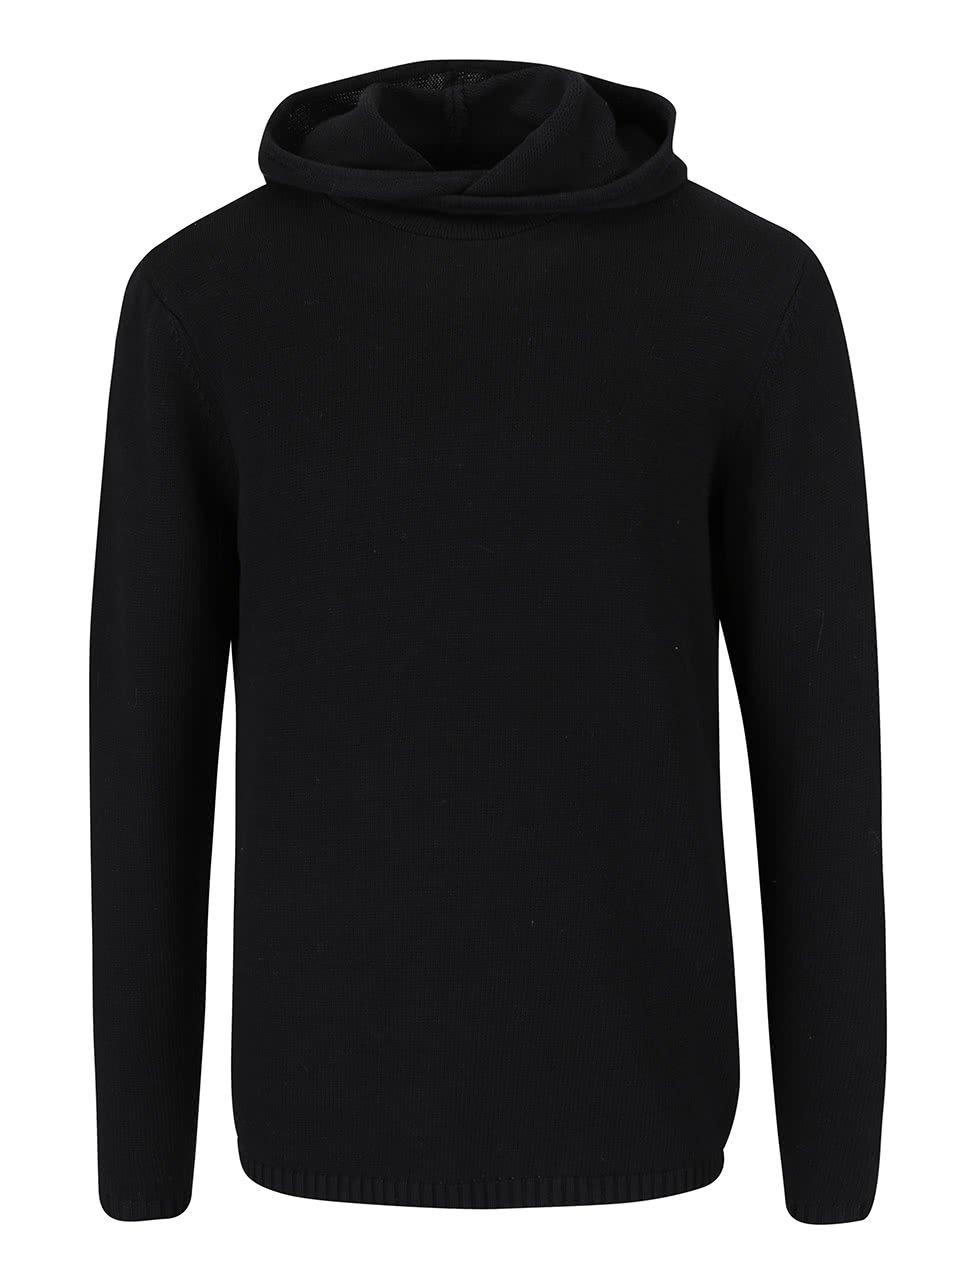 Černý pánský svetr s kapucí Pippin Broadway